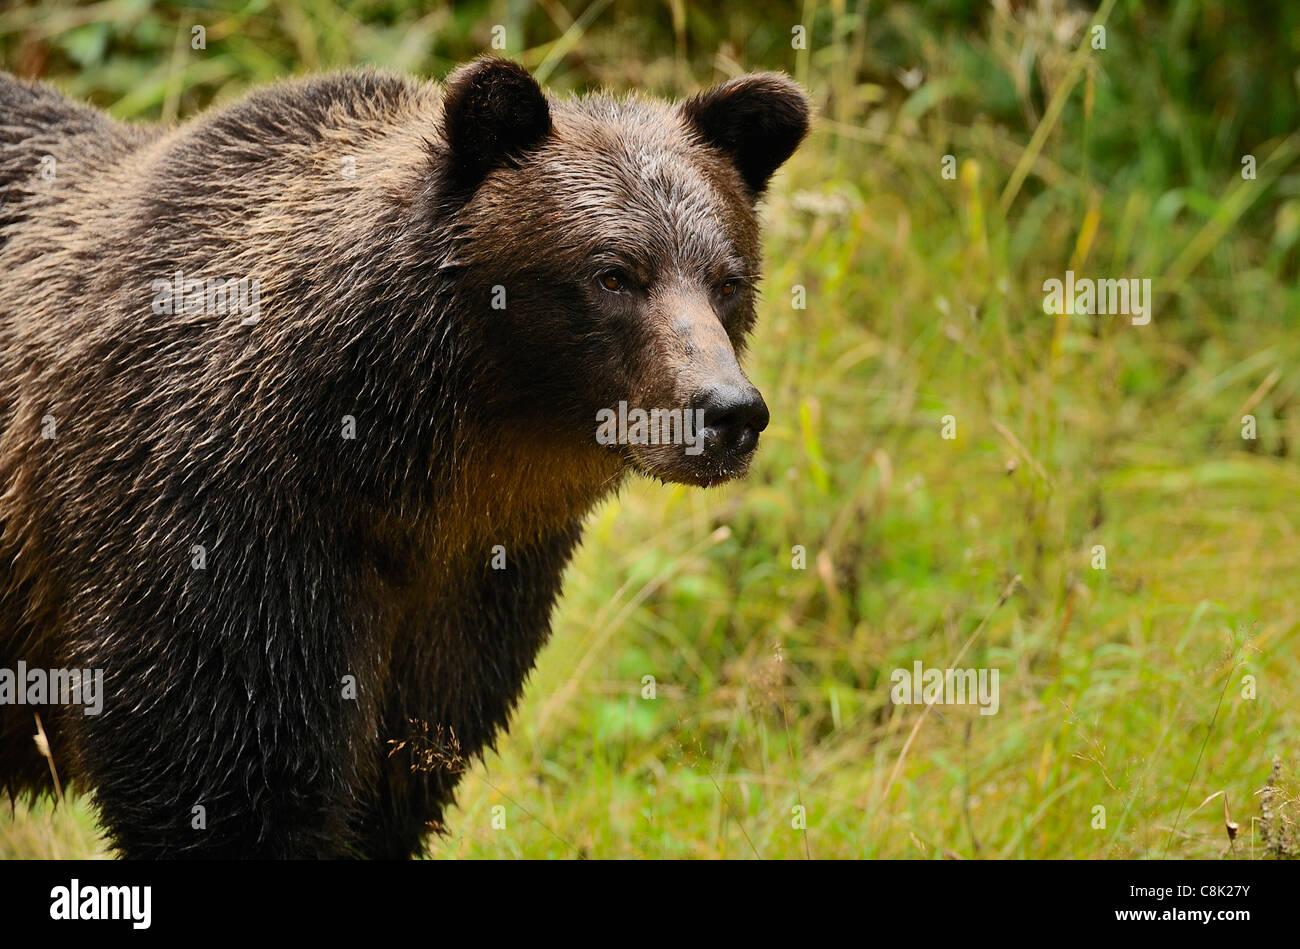 Un adulto madre orso grizzly in piedi che guarda lontano. Immagini Stock